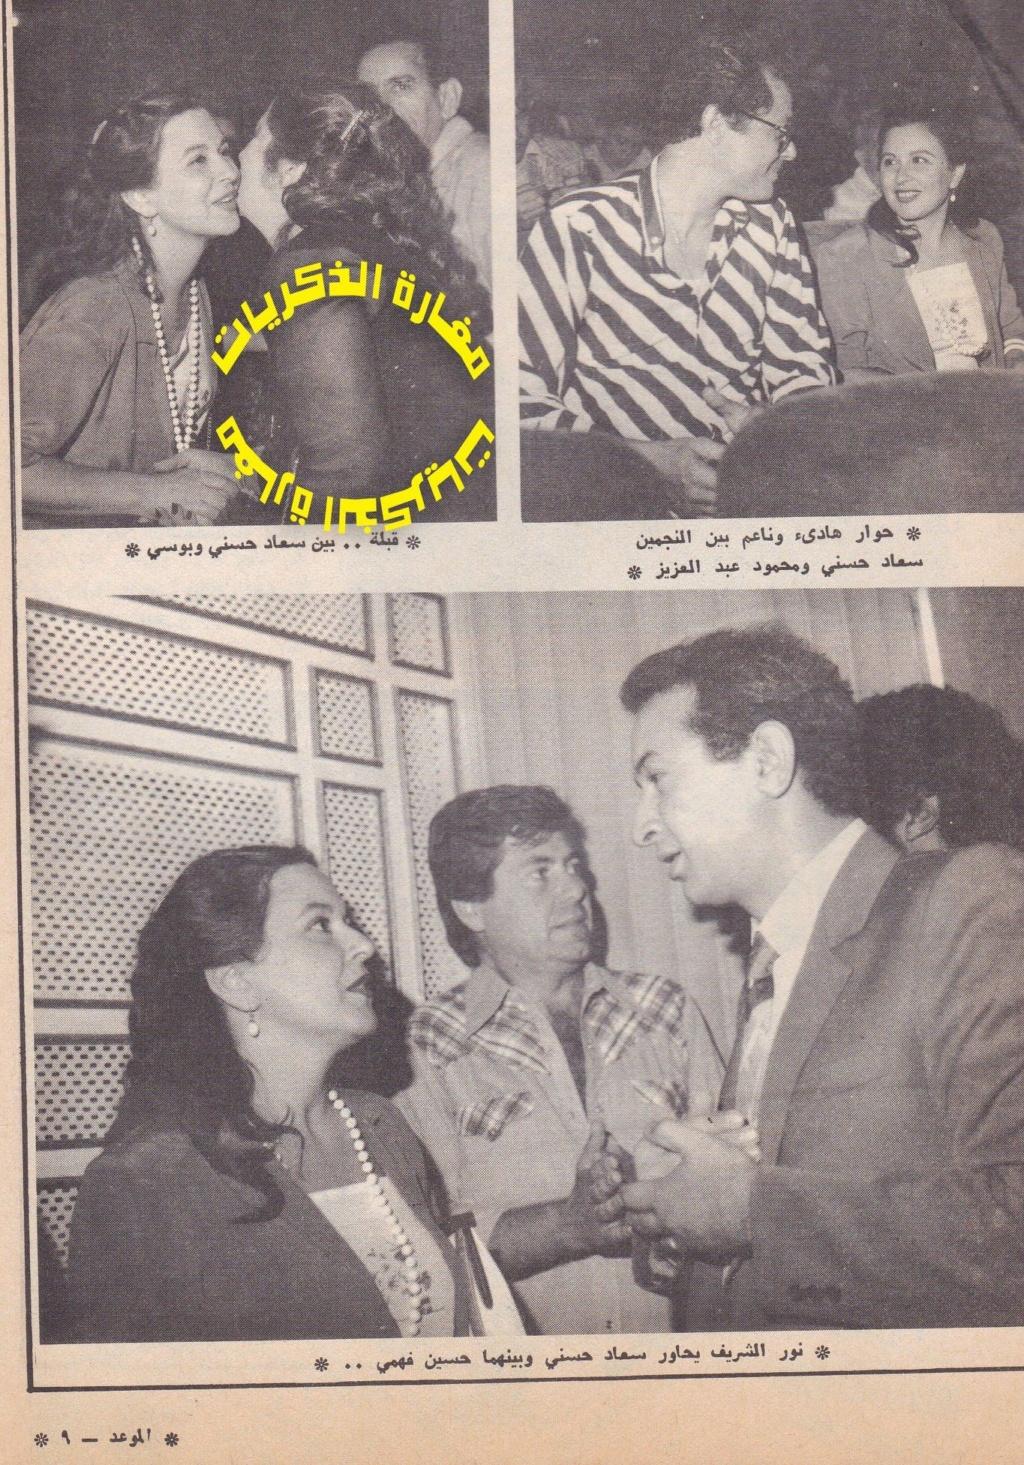 خبر صحفي : مظاهرة .. حول سعاد حسني ! 1981 م 229